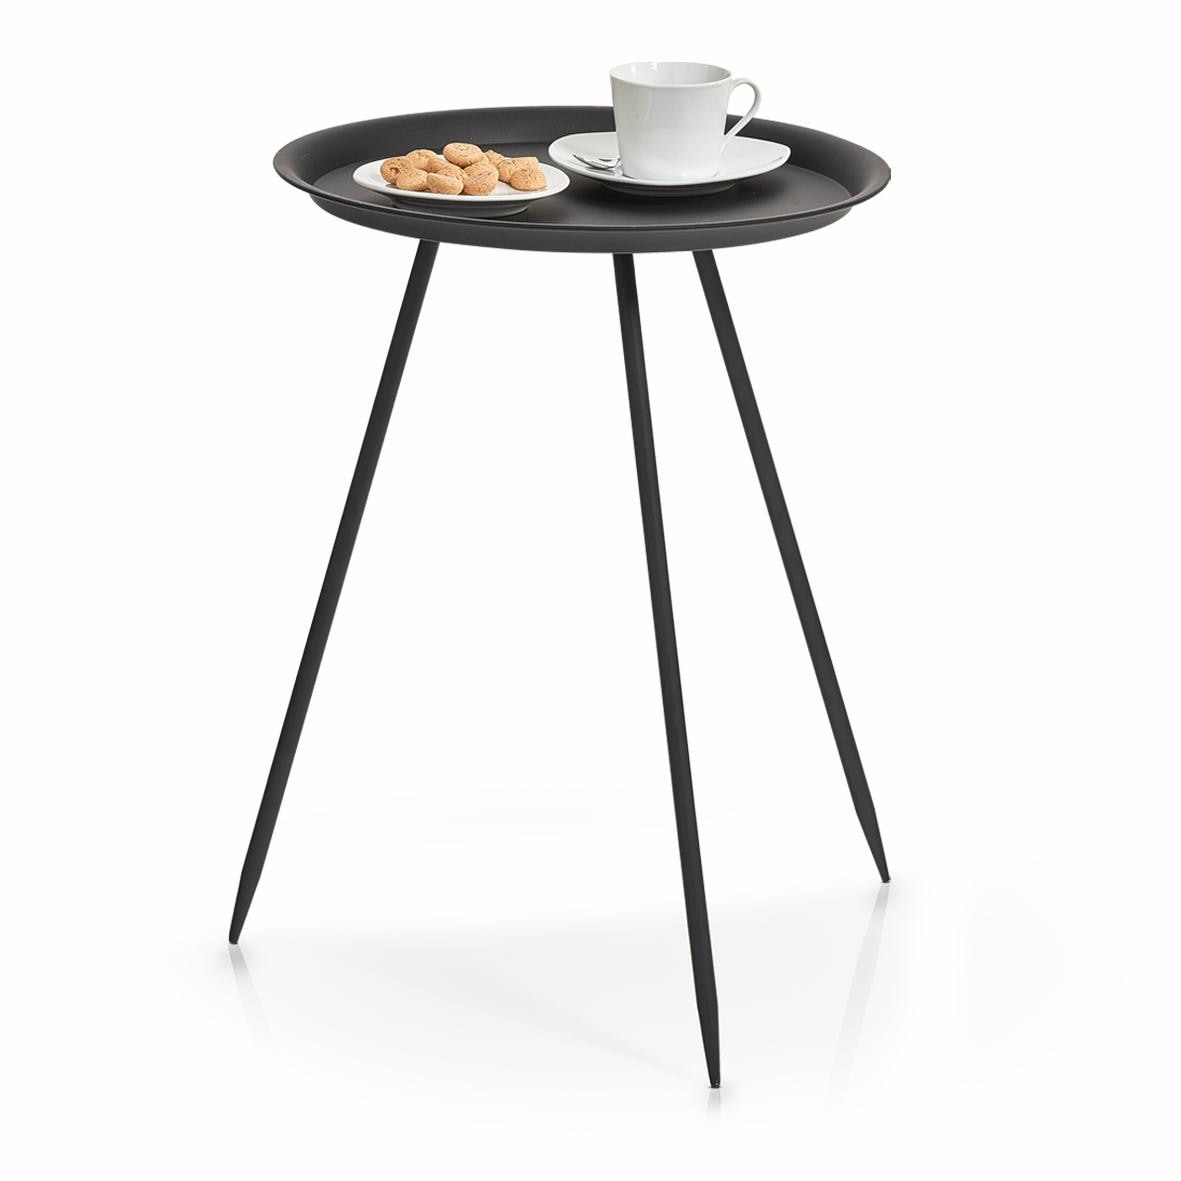 Zeller Present Beistelltisch, rund, Metall weiß Beistelltische Tische Beistelltisch